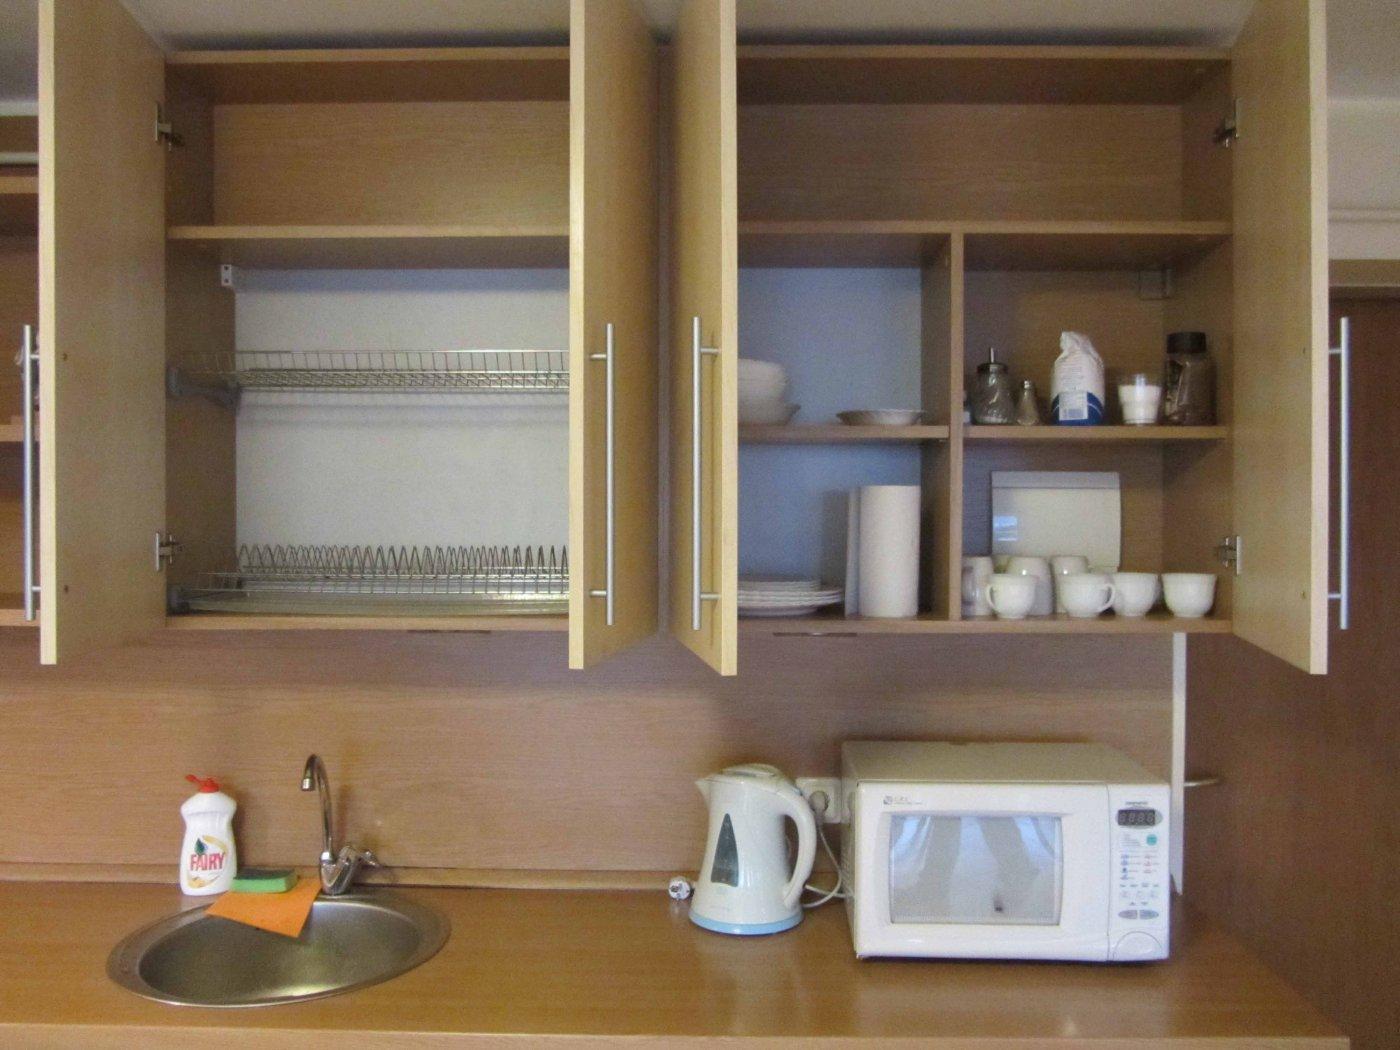 Дизайн угловой кухни 15 кв.м в квартире-студии.